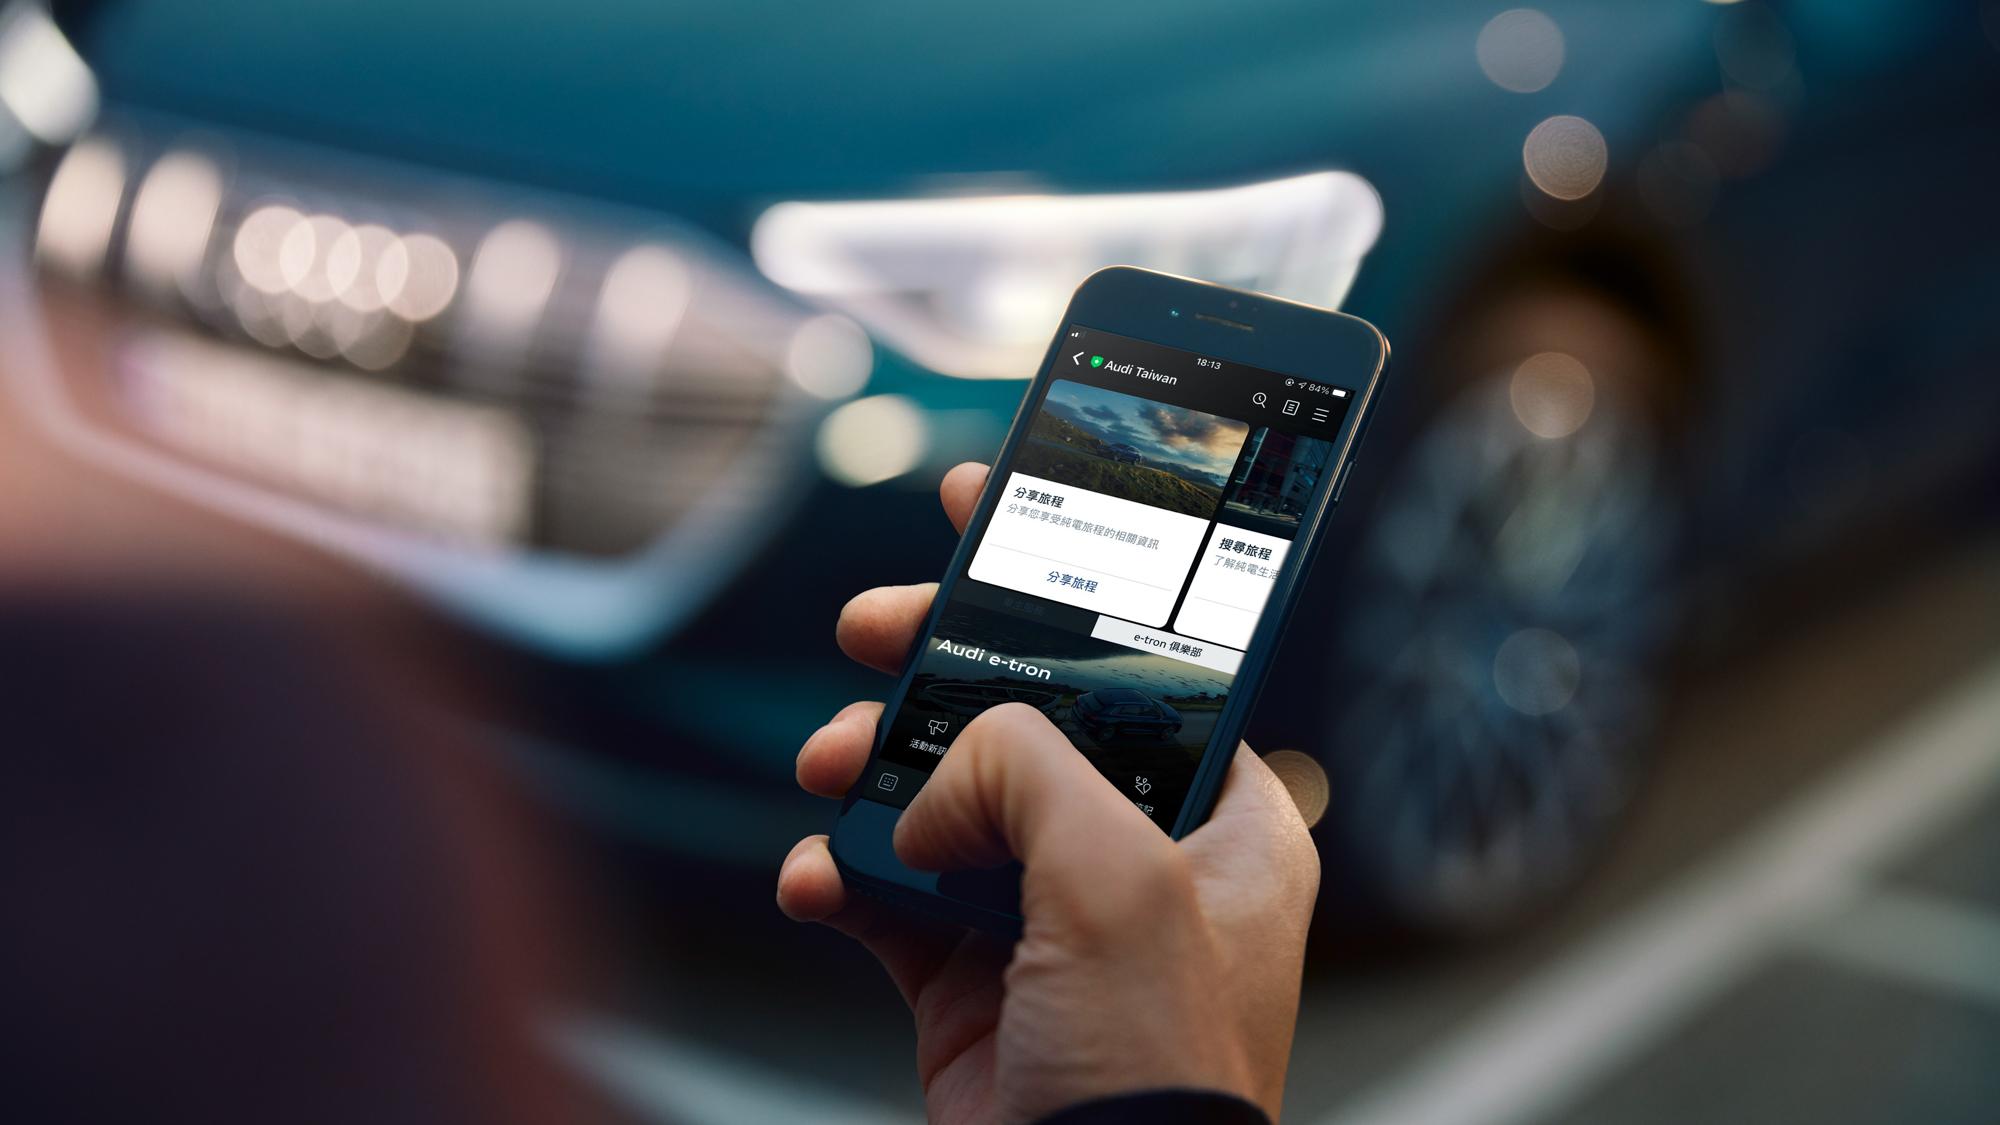 Audi 純電生活圈 2.0  全新隨行智能服務 「電旅筆記」上線